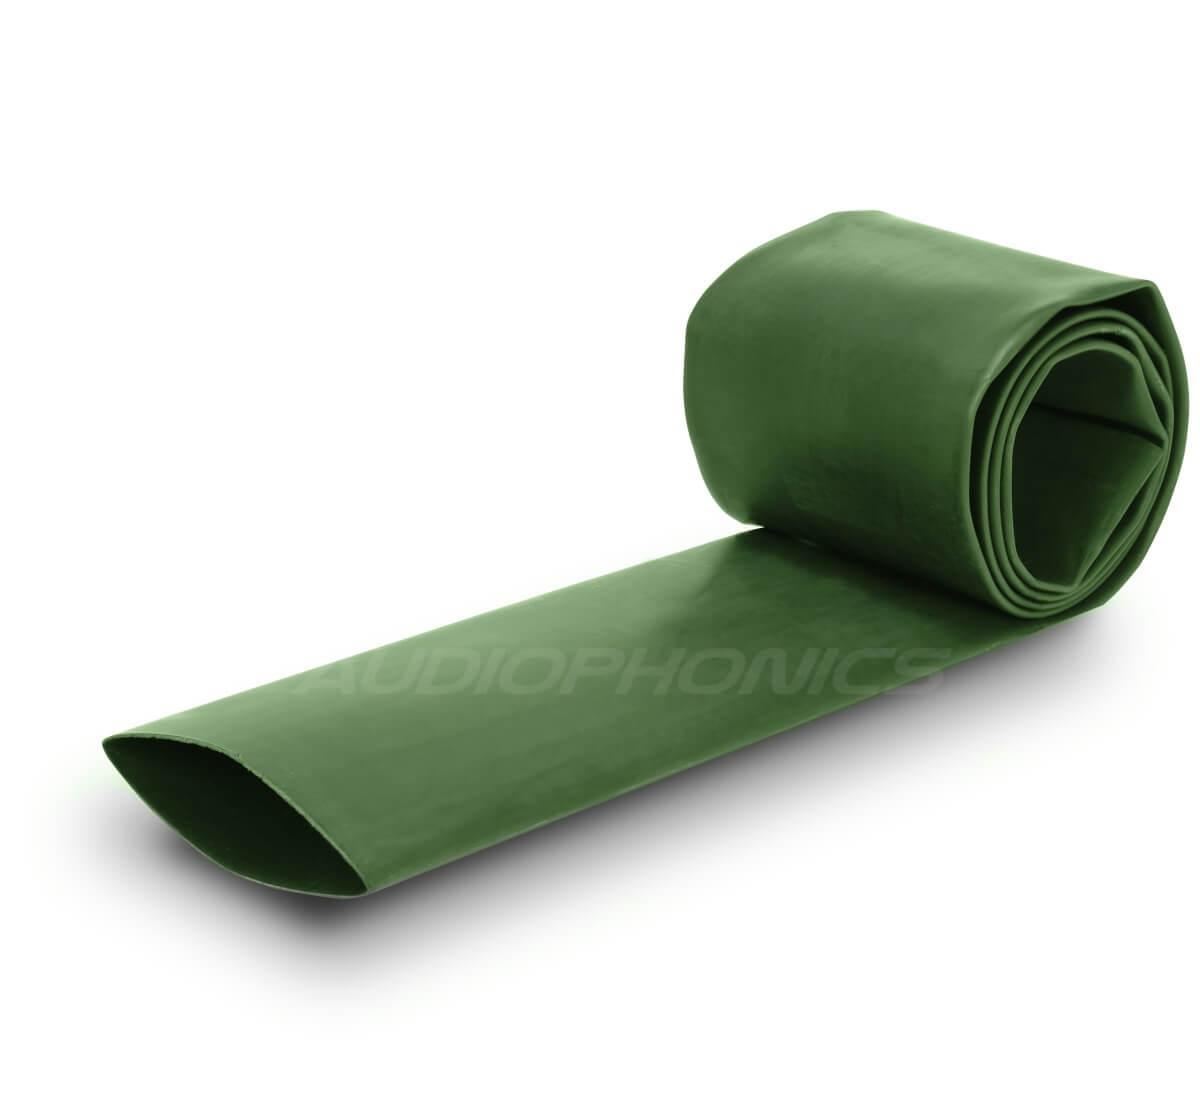 Heat-shrink tubing 2:1 Ø1mm Green (1m)